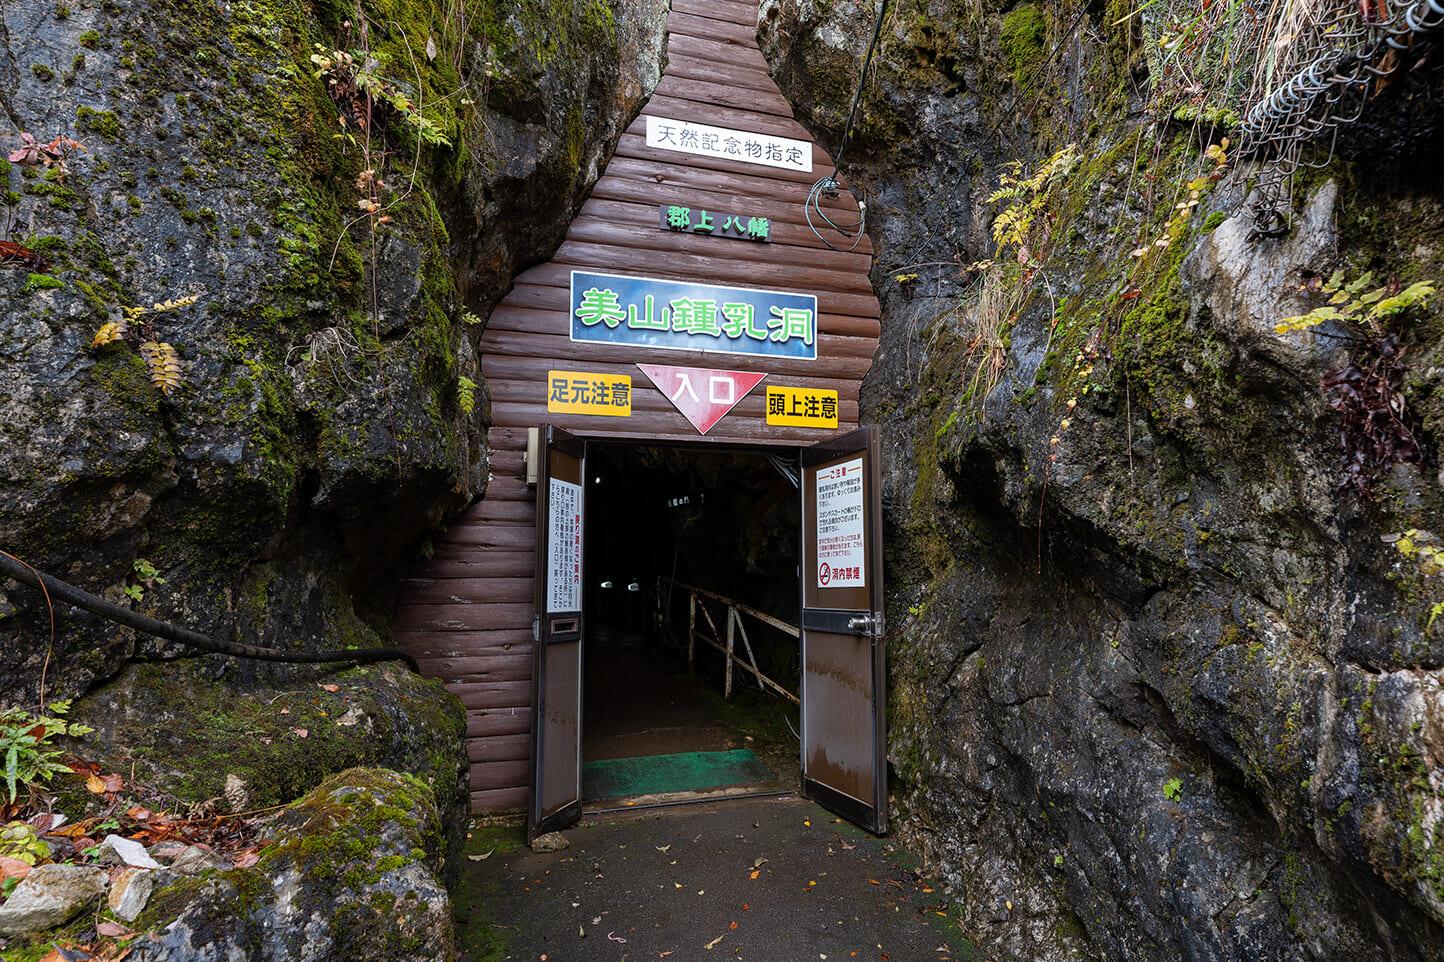 美山鍾乳洞 スライダー画像1